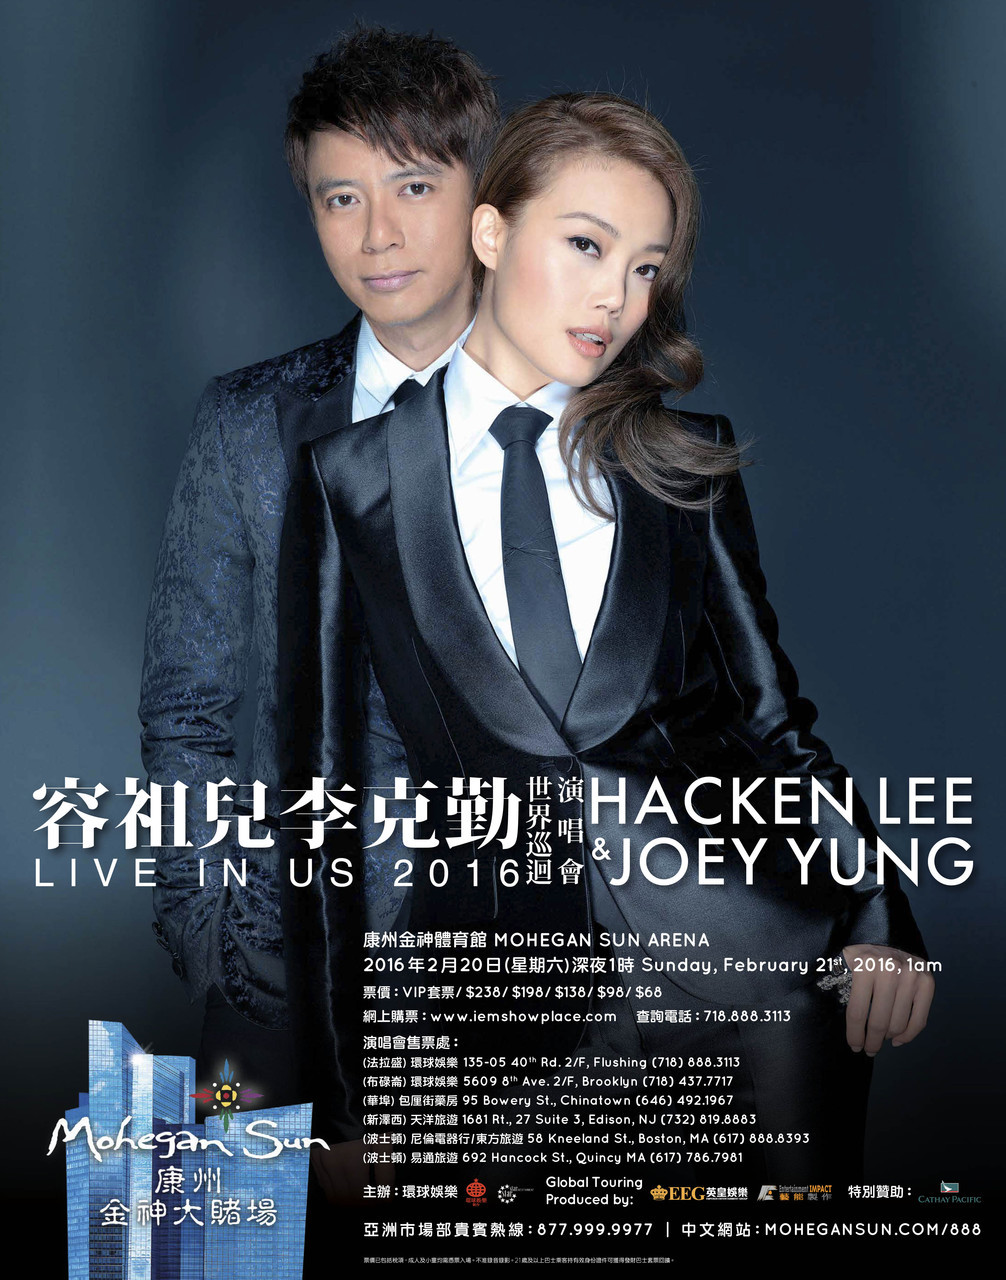 Joey Yung & Hacken Lee Concert 2015 Live 容祖兒李克勤演唱會  Popular